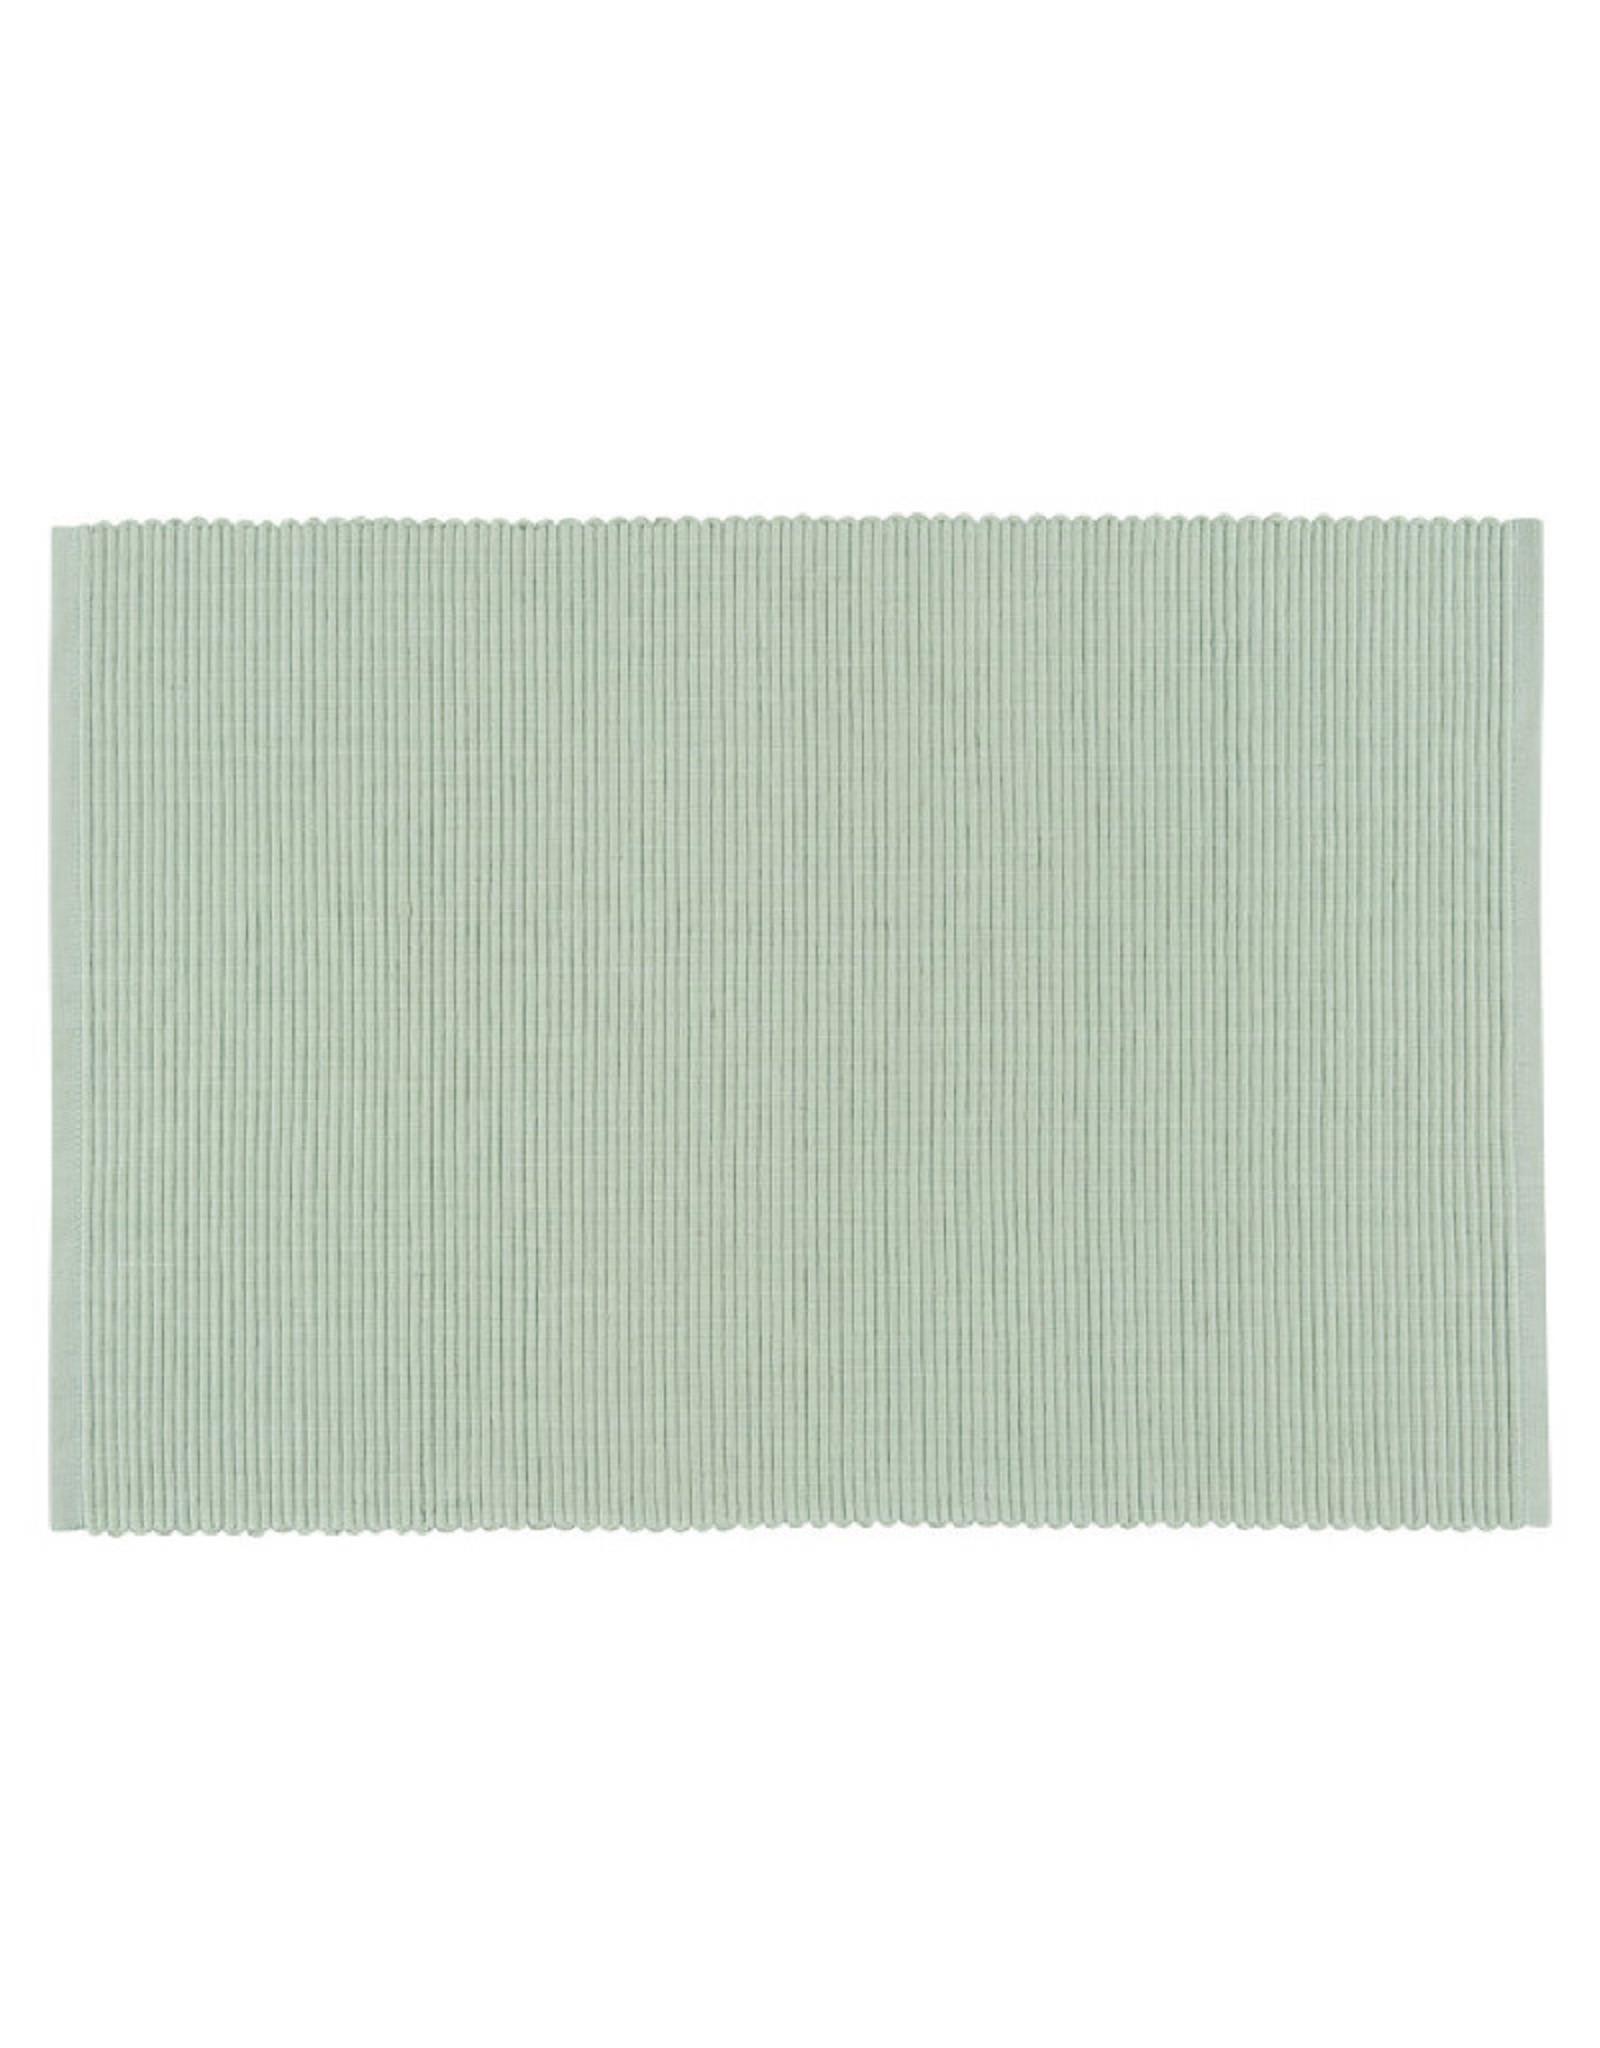 """Placemat spectrum Aloe 13""""x19"""" 100% Cotton"""